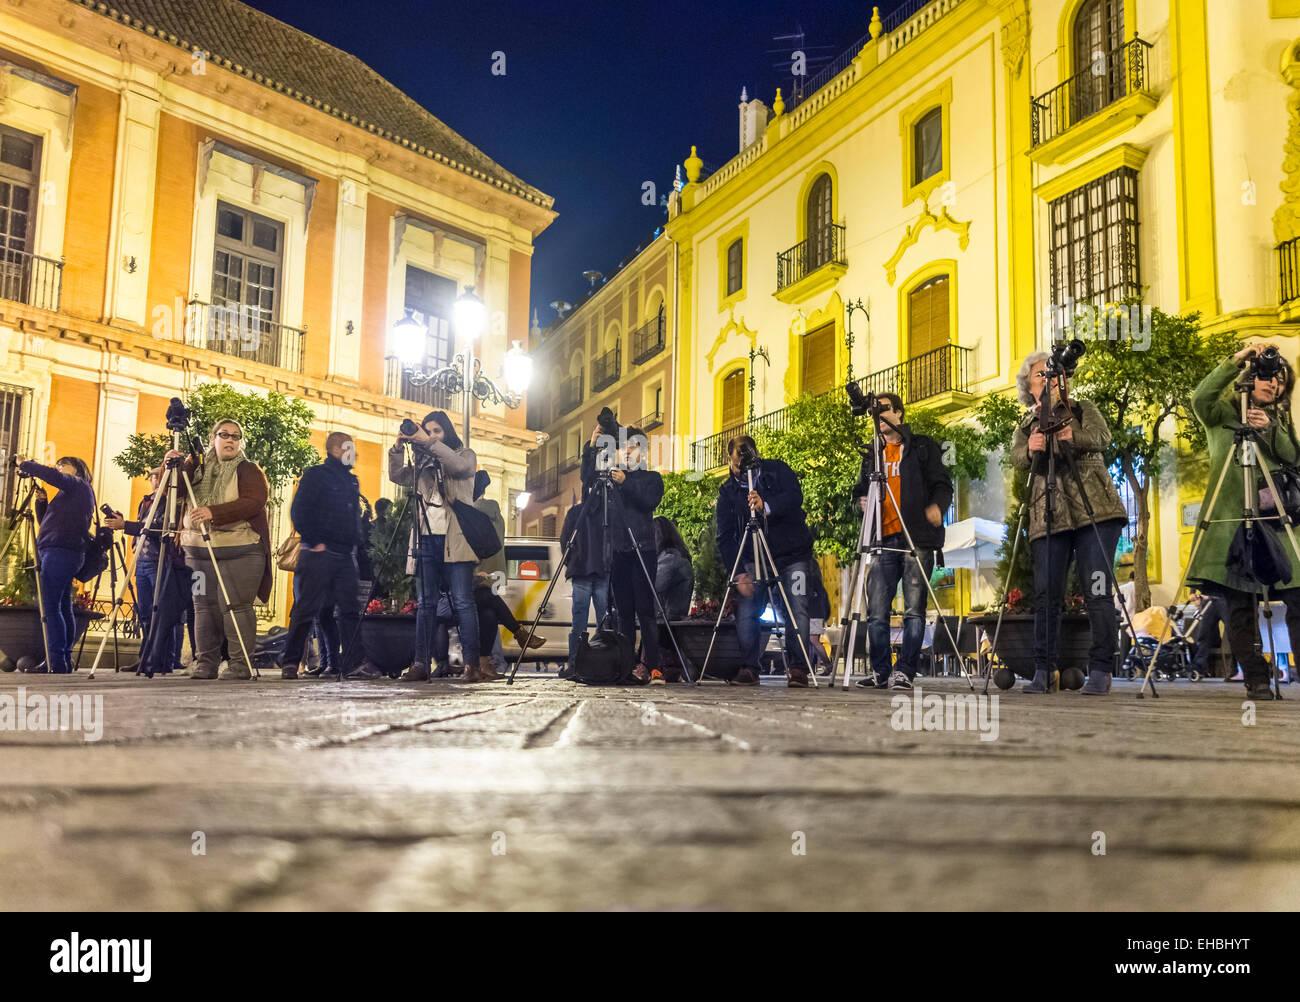 Gruppe von Fotografen mit Stativen nachts auf geführte Foto-Tour mit dem Ziel der Turm Giralda Kathedrale Sevilla Stockbild